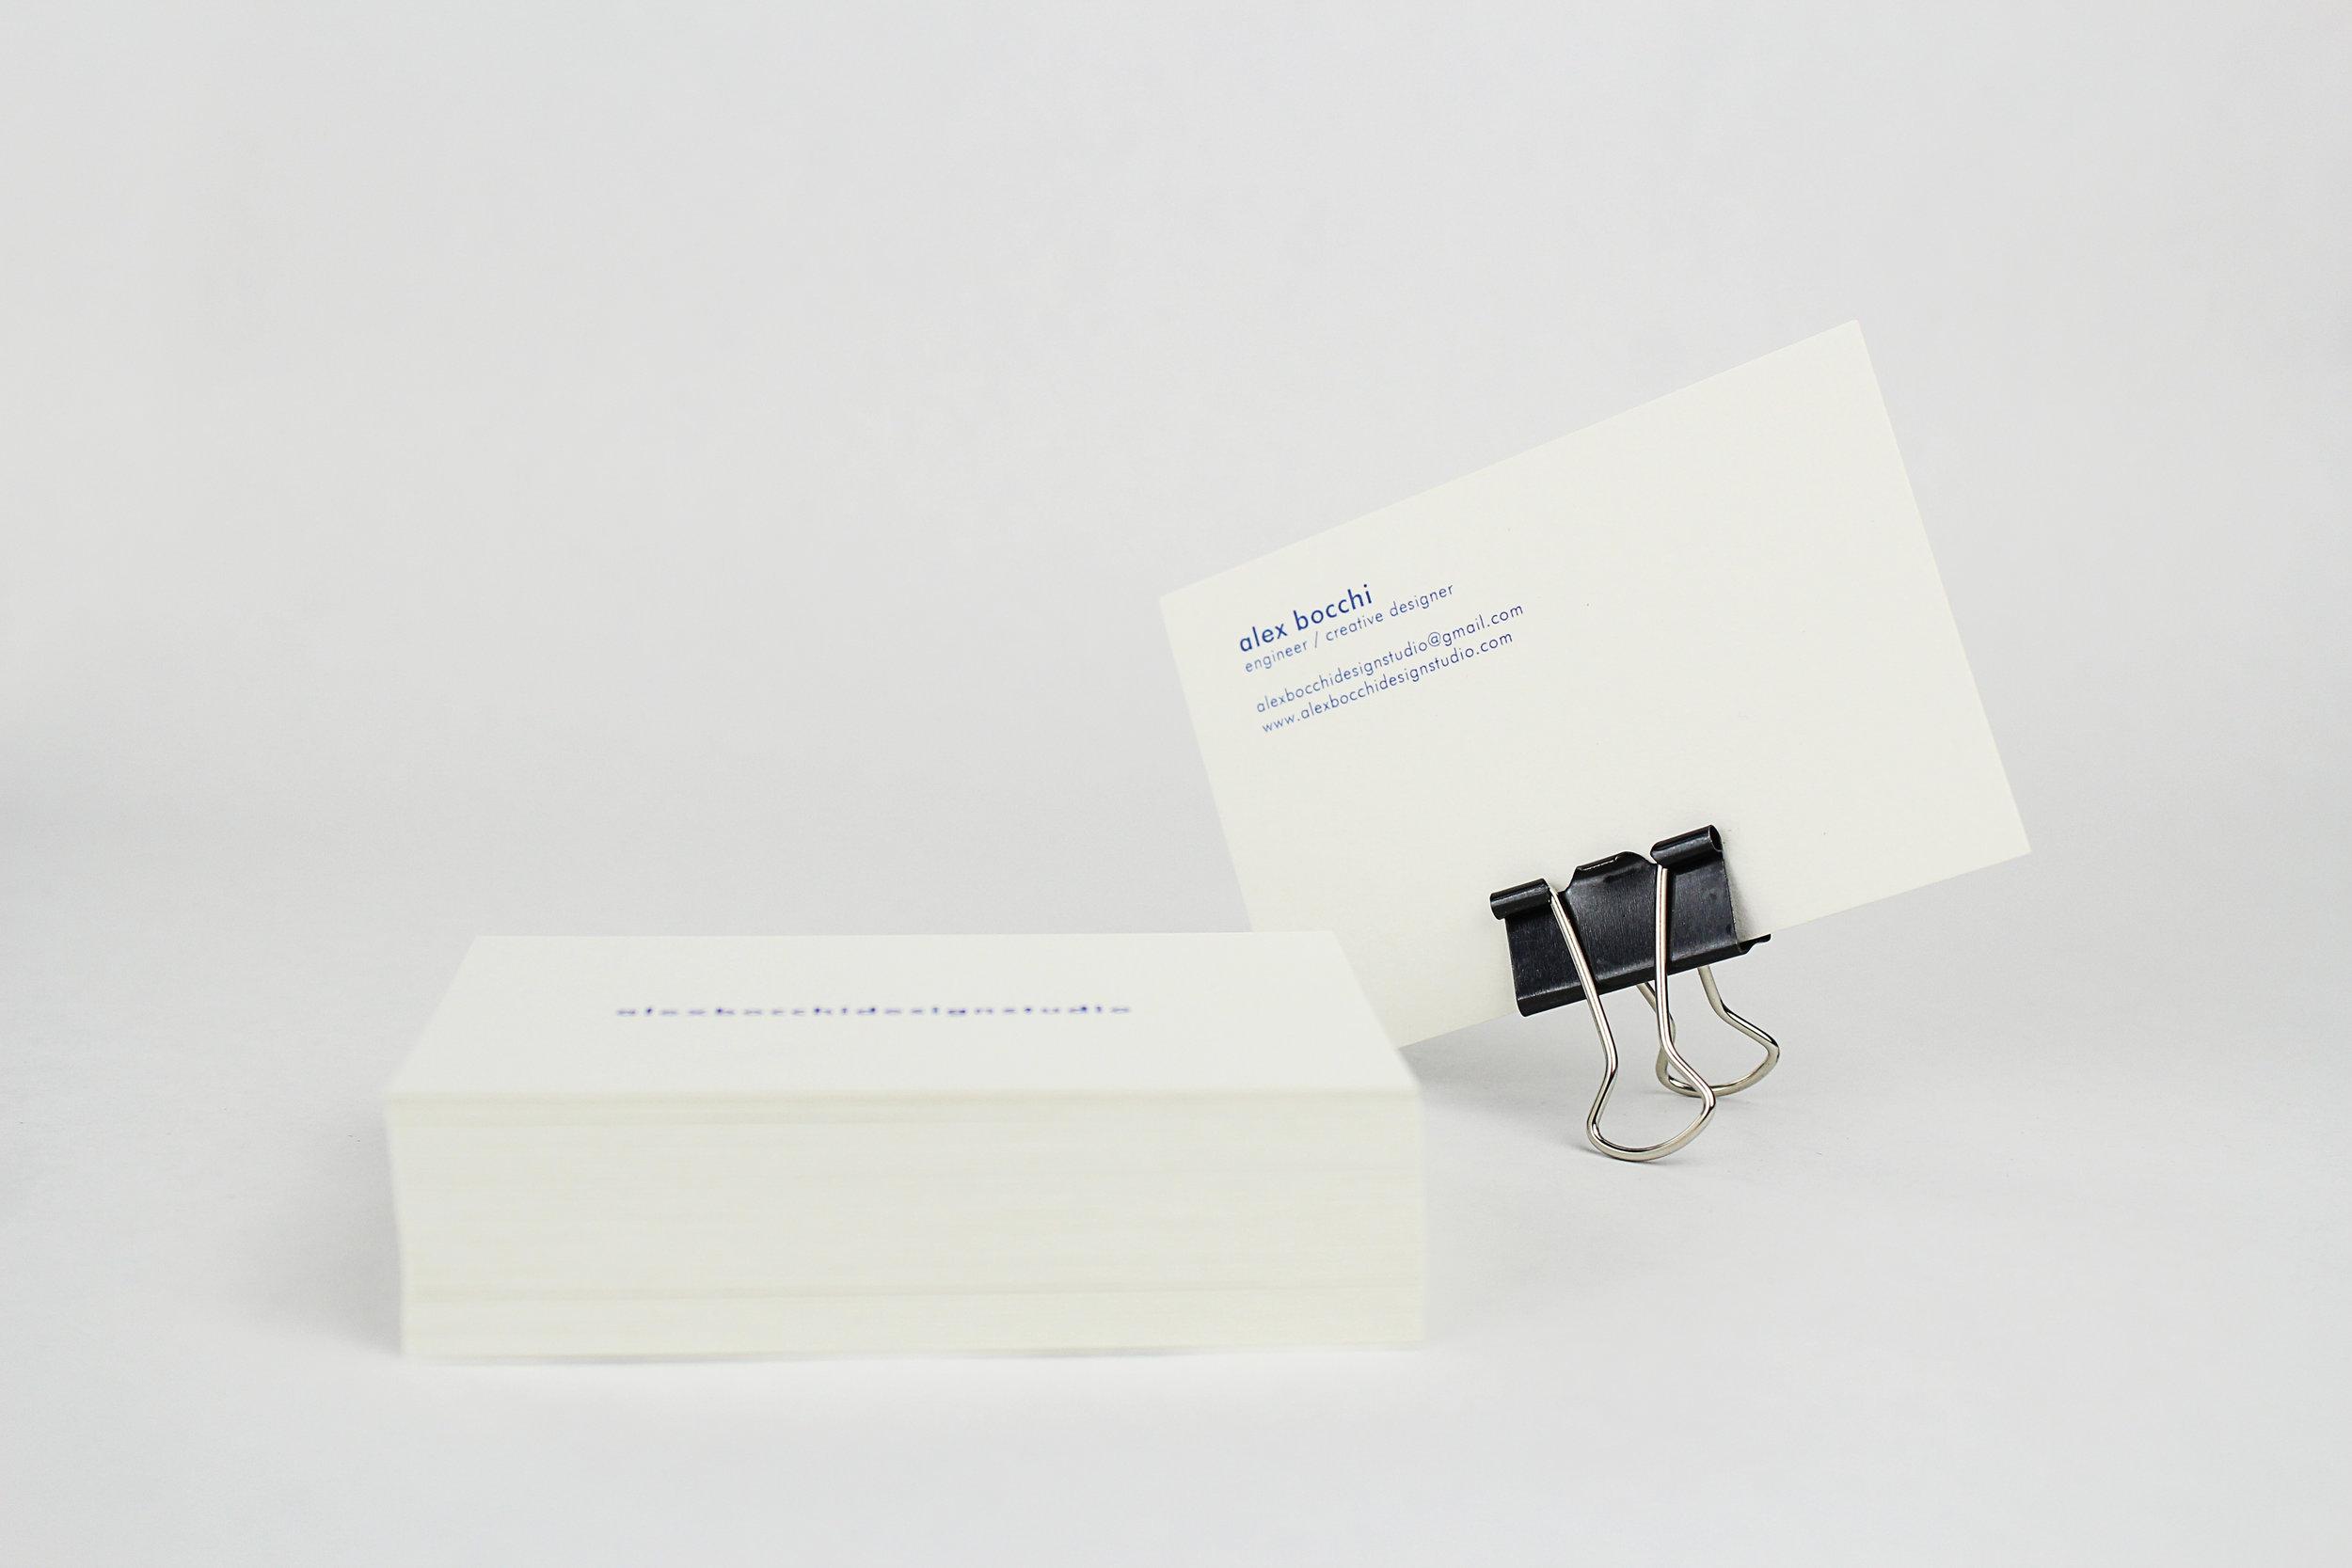 businesscard_alexbocchidesignstudio_1.jpg